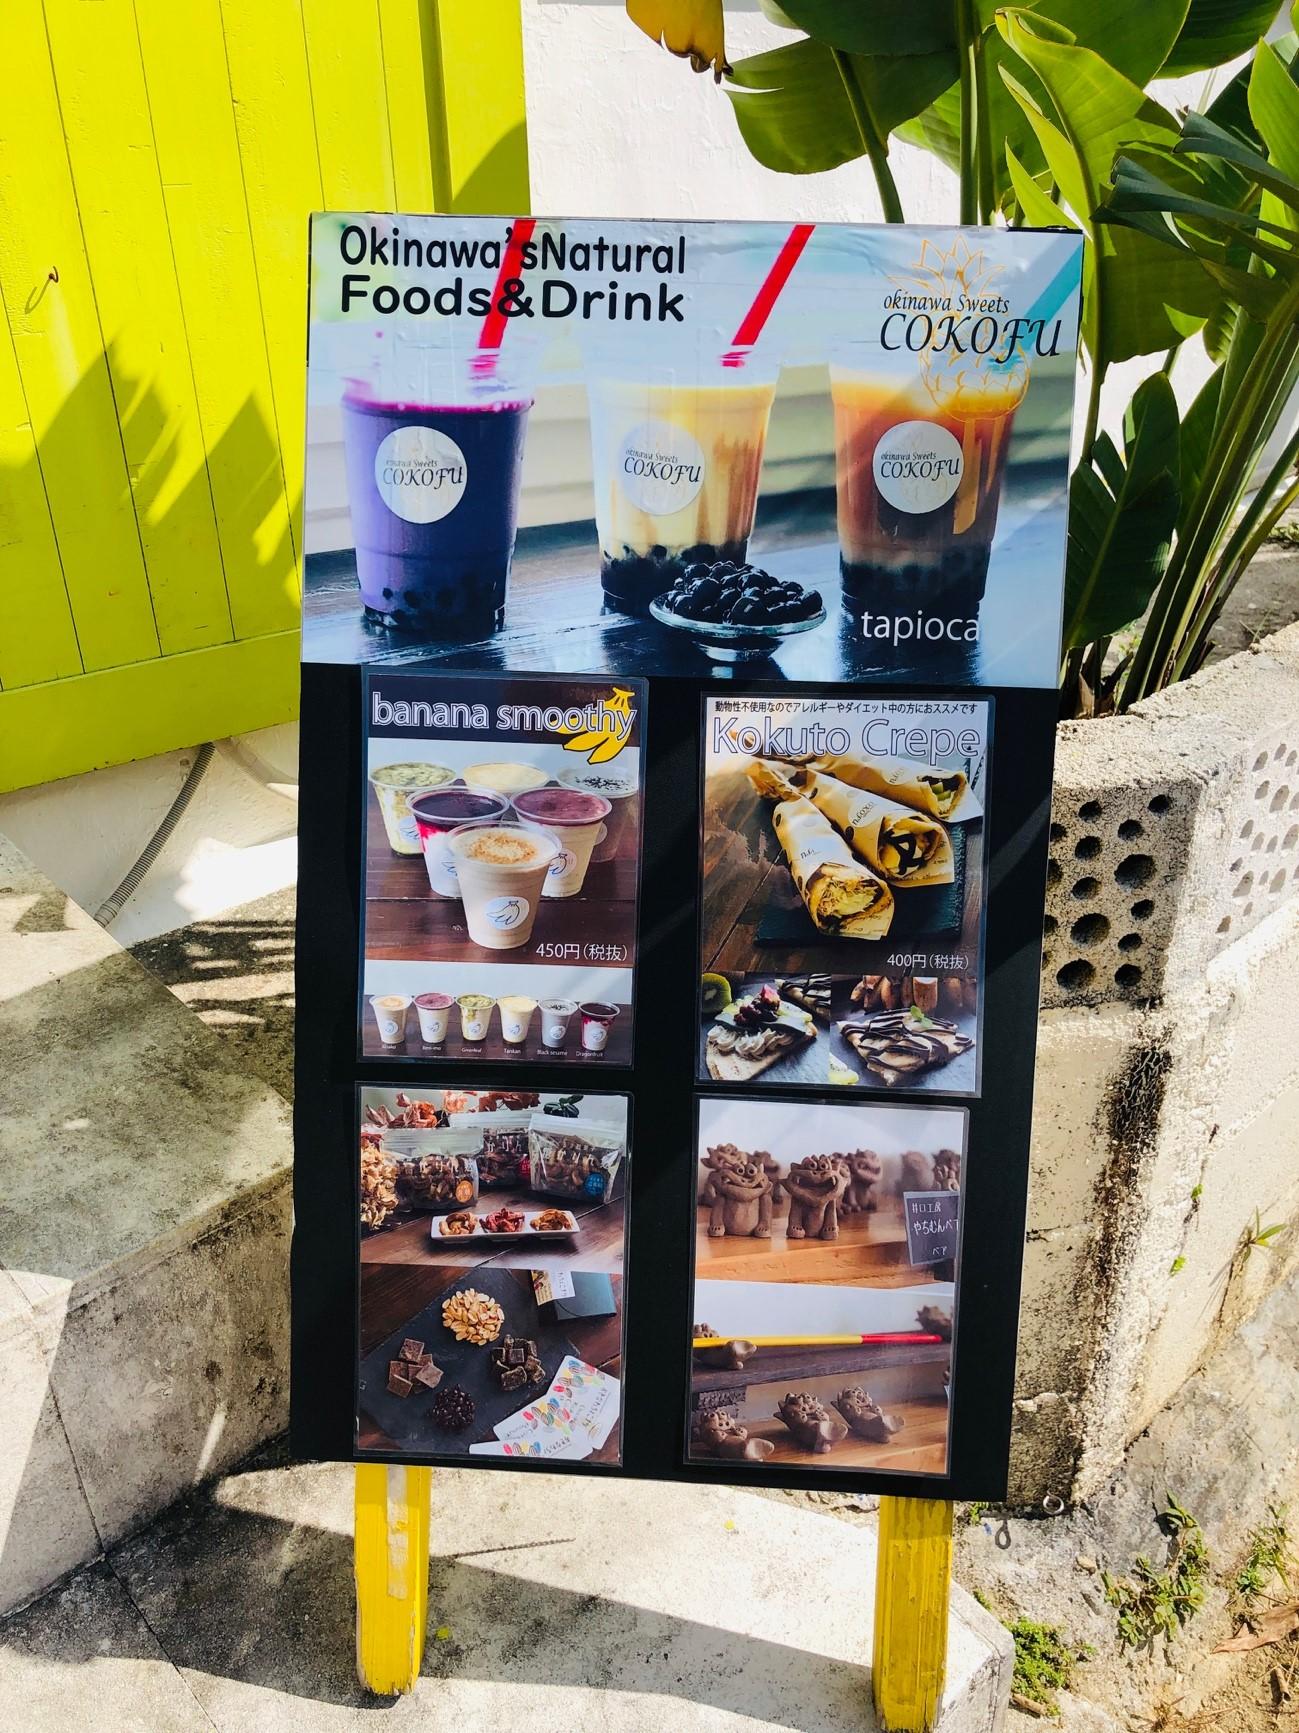 「COKOFU(ココフ)」のスムージー きな粉、紅芋、桑の葉、タンカン、黒ごま、ドラゴンフルーツの6種類